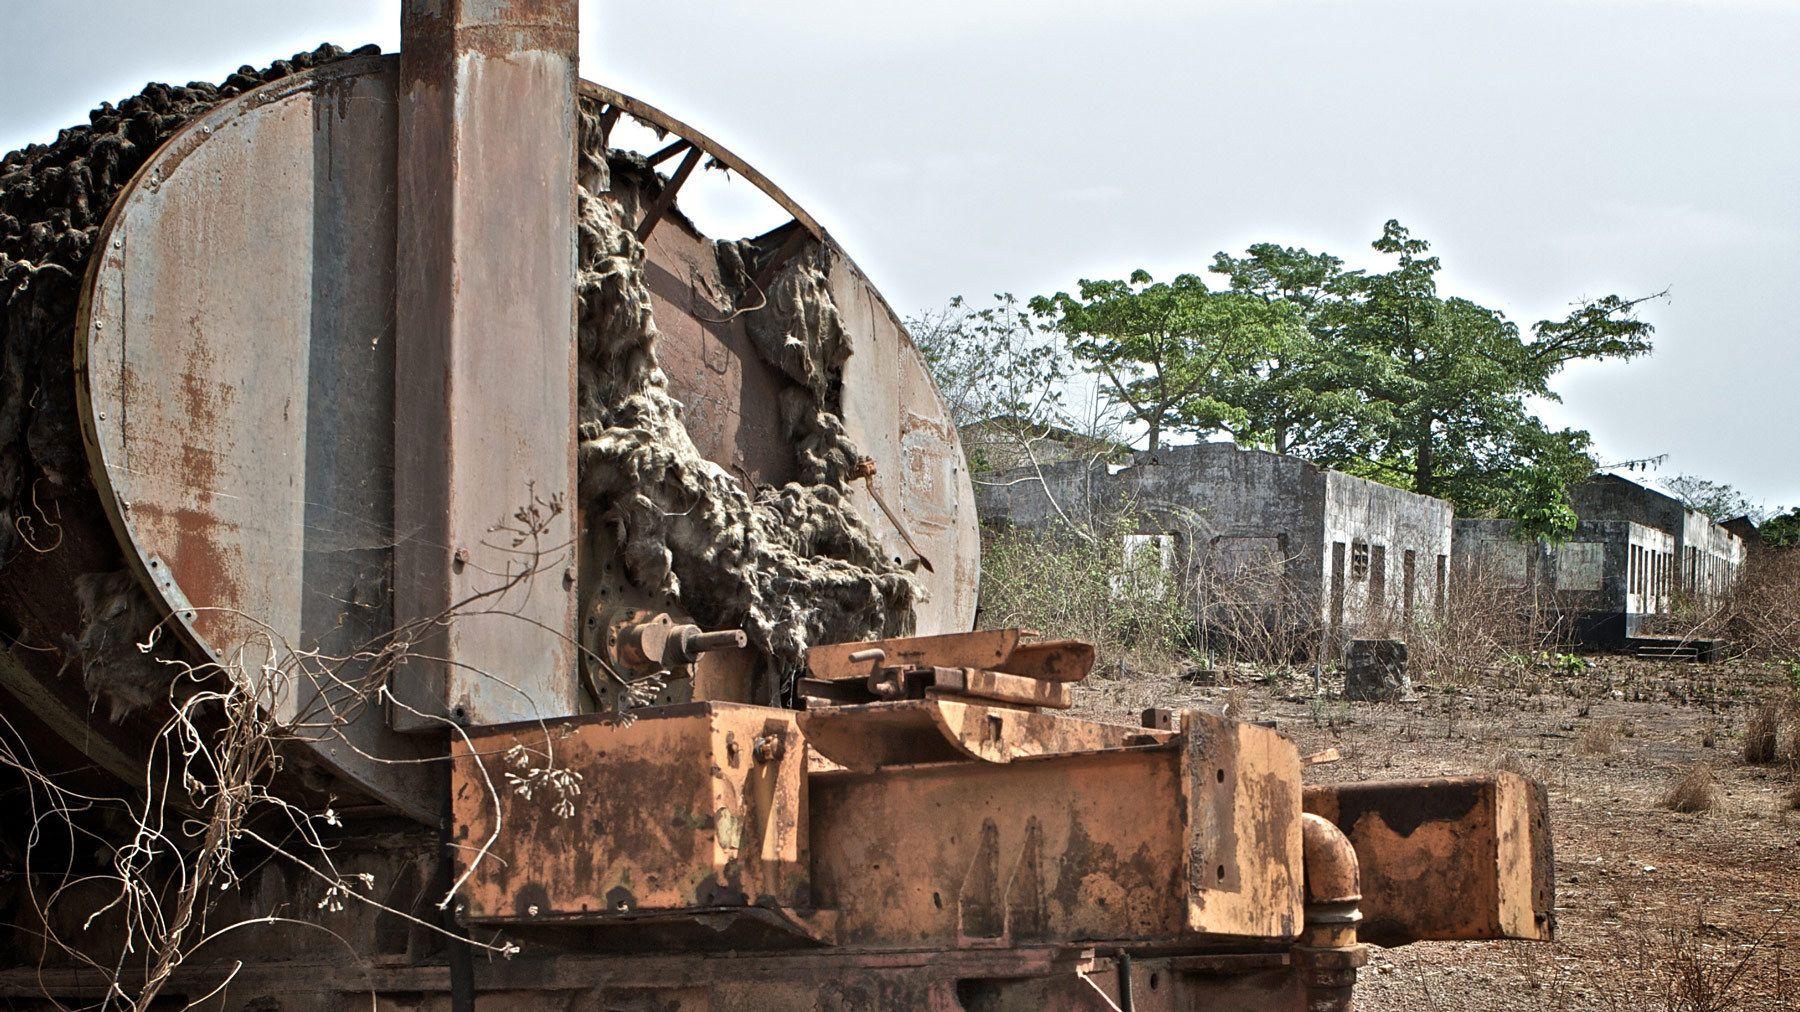 1burned_tanker_destroyed_houses_sierra_leone.jpg